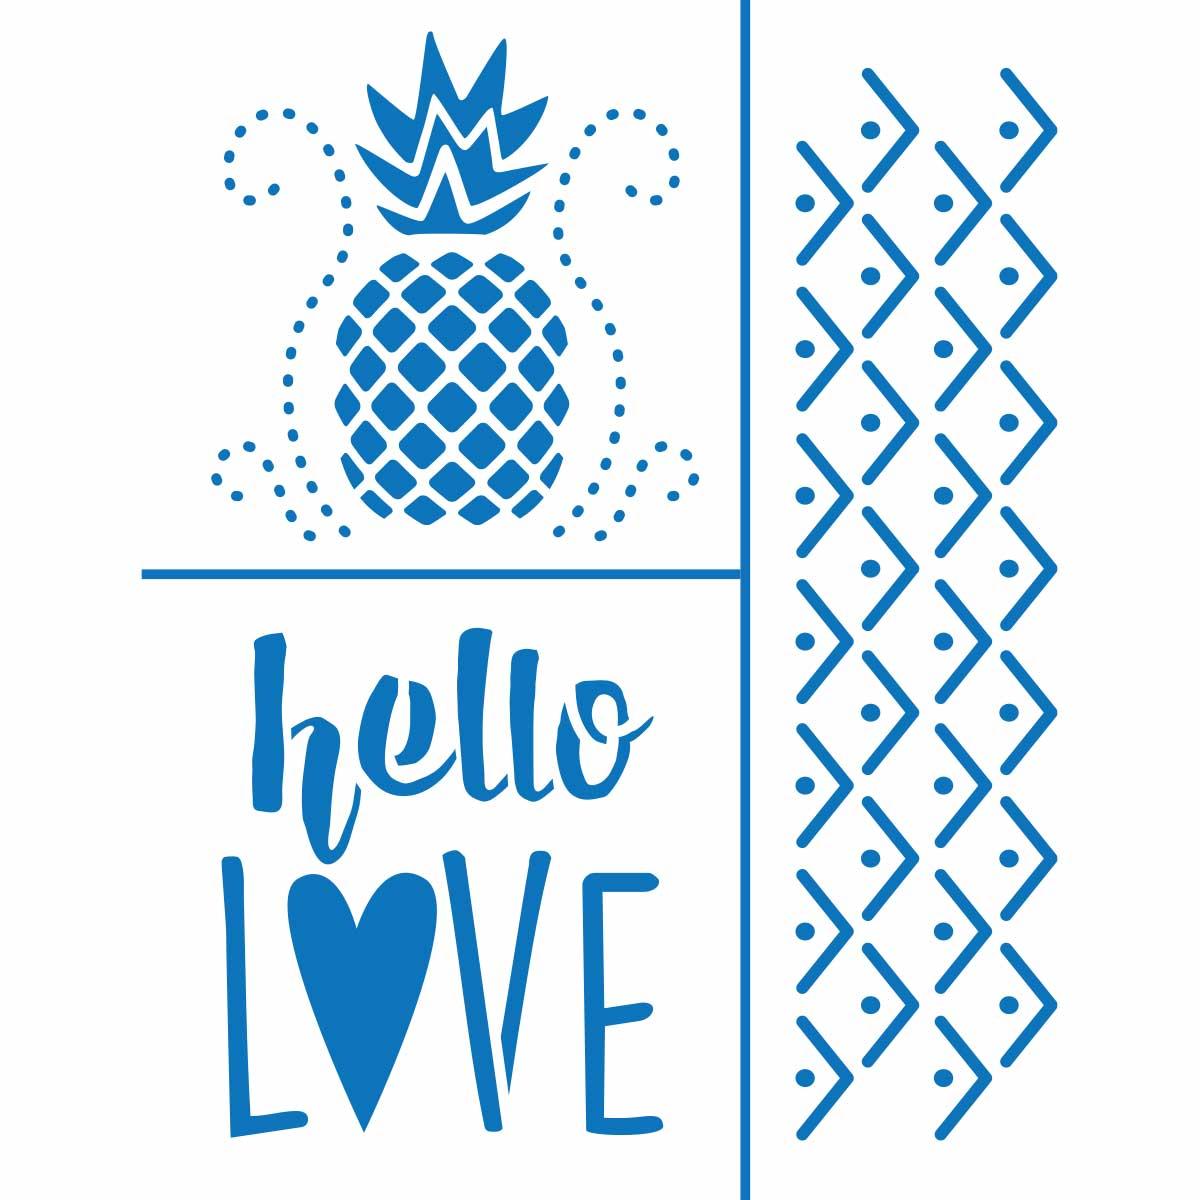 Bucilla ® Fashion Embroidery Kit - Hello Love - 49134E